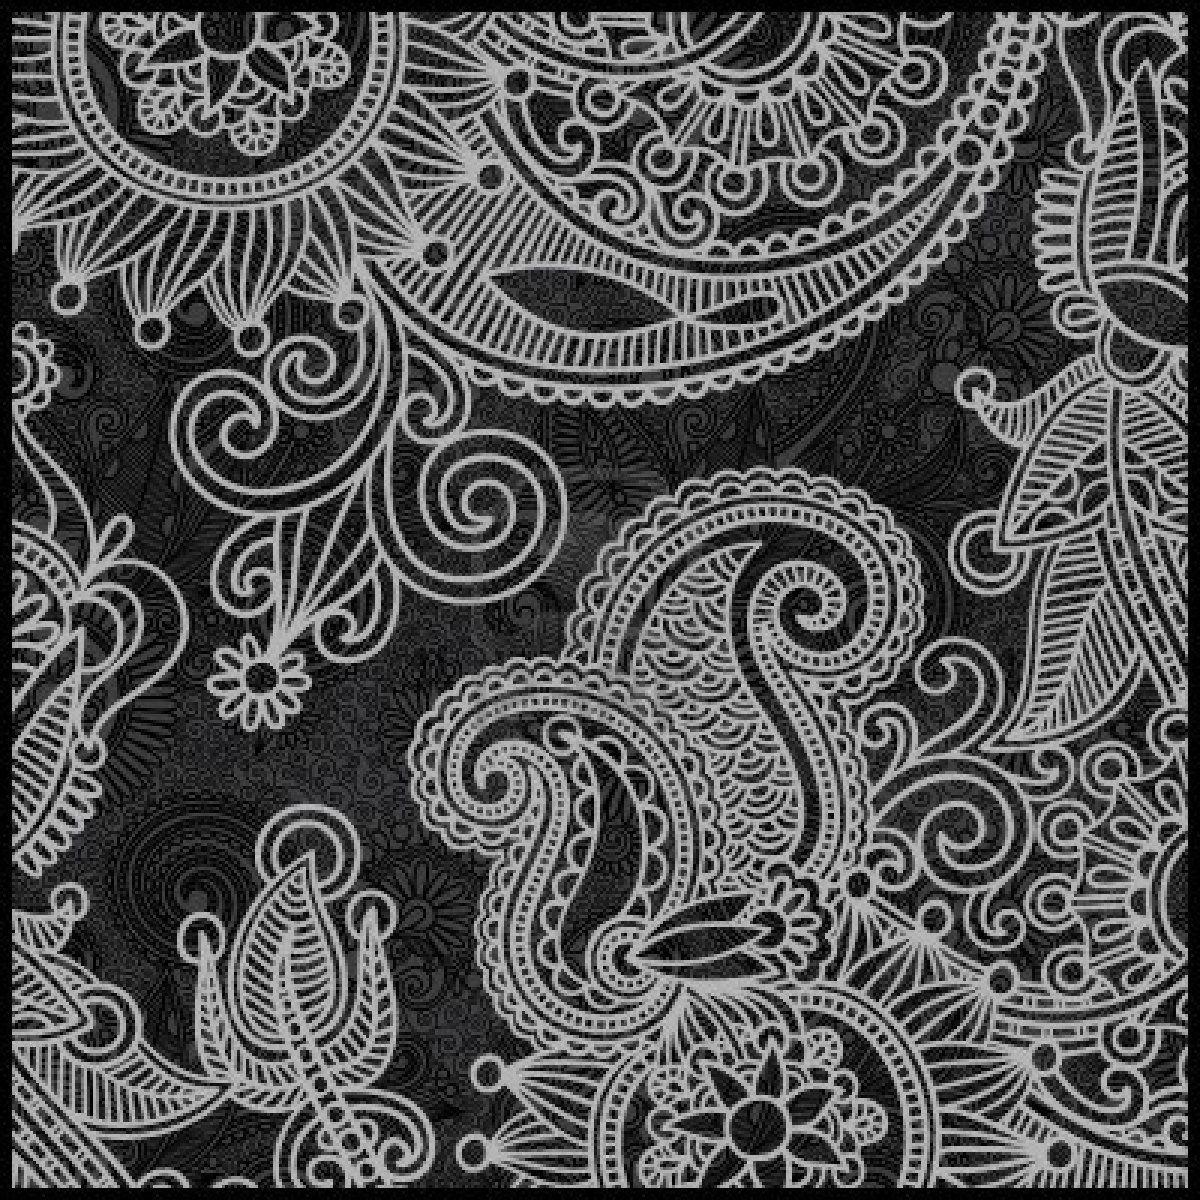 schwarz wei florale muster blumen t towierungen pinterest muster floral muster und. Black Bedroom Furniture Sets. Home Design Ideas